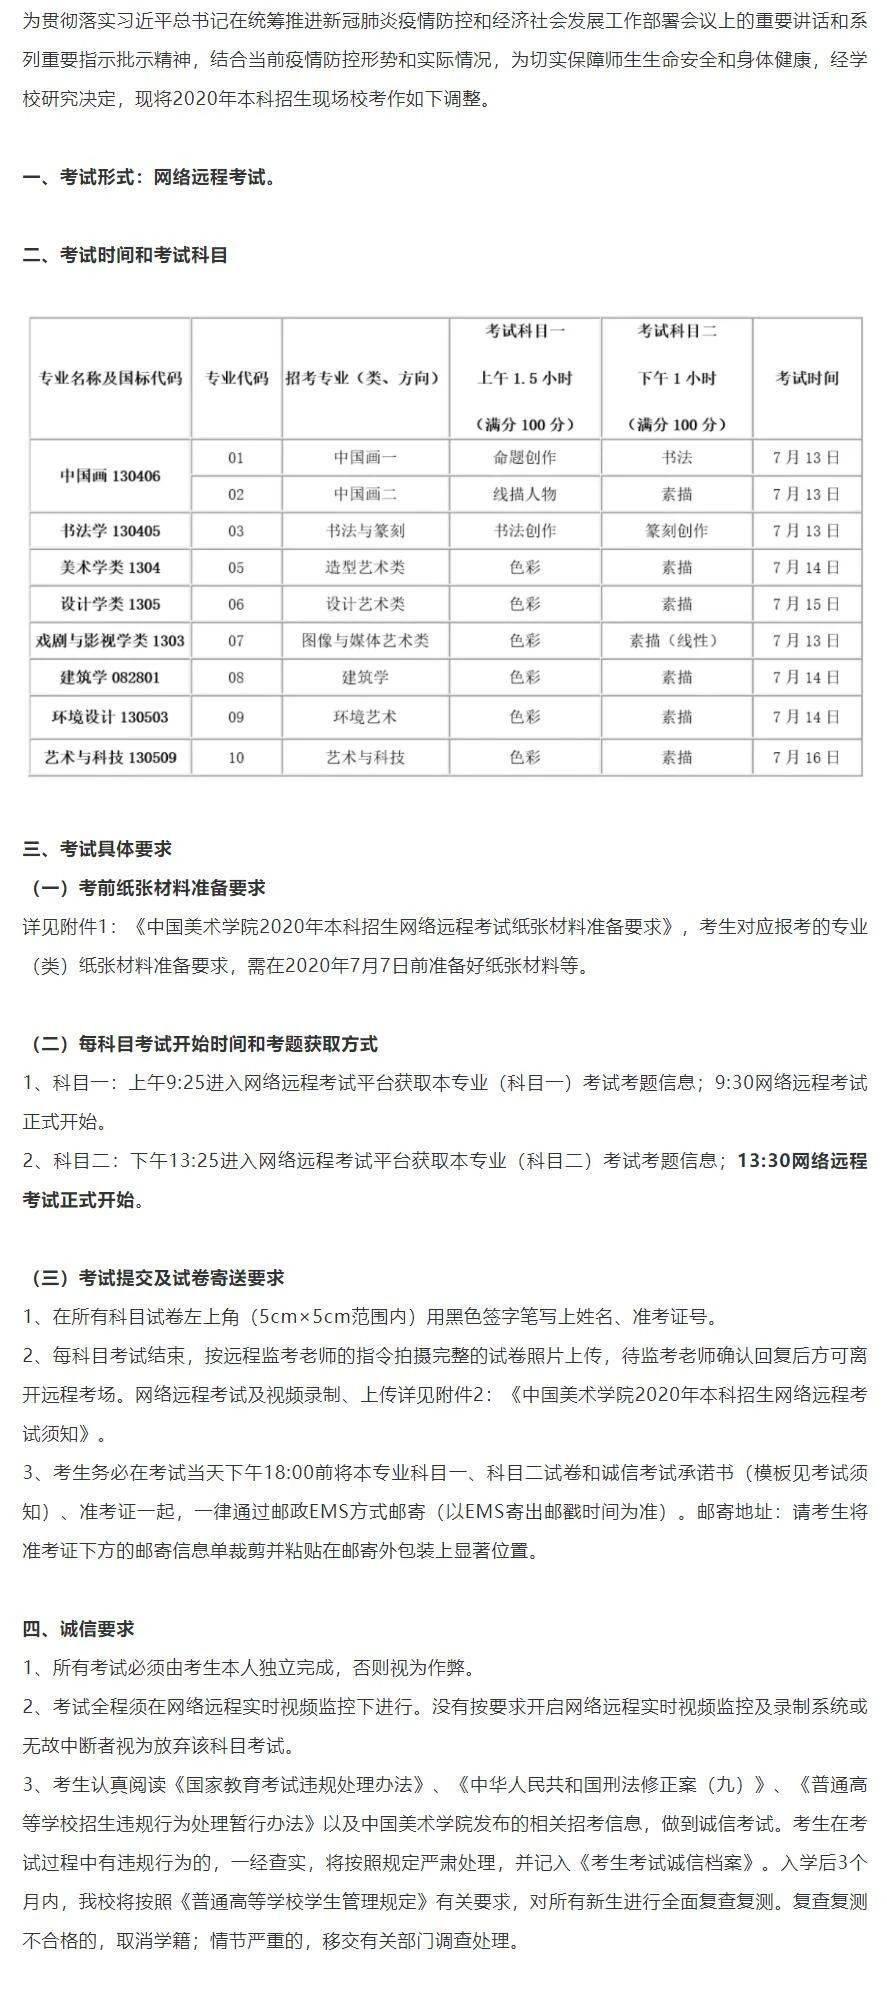 中国美术学院关于2020年本科招生现场校考方案调